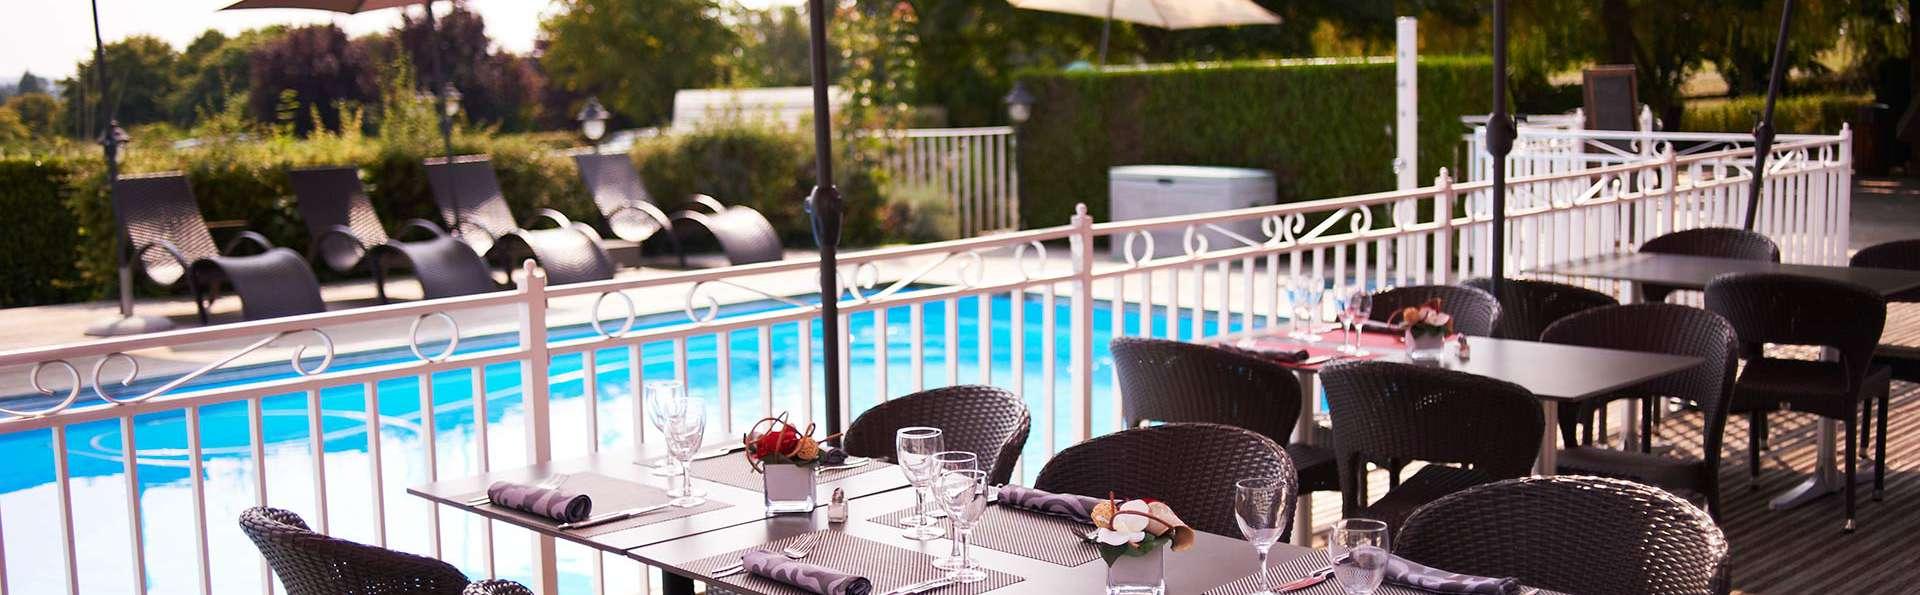 Week-end bien-être, bistronomique et œnologique près de Saumur